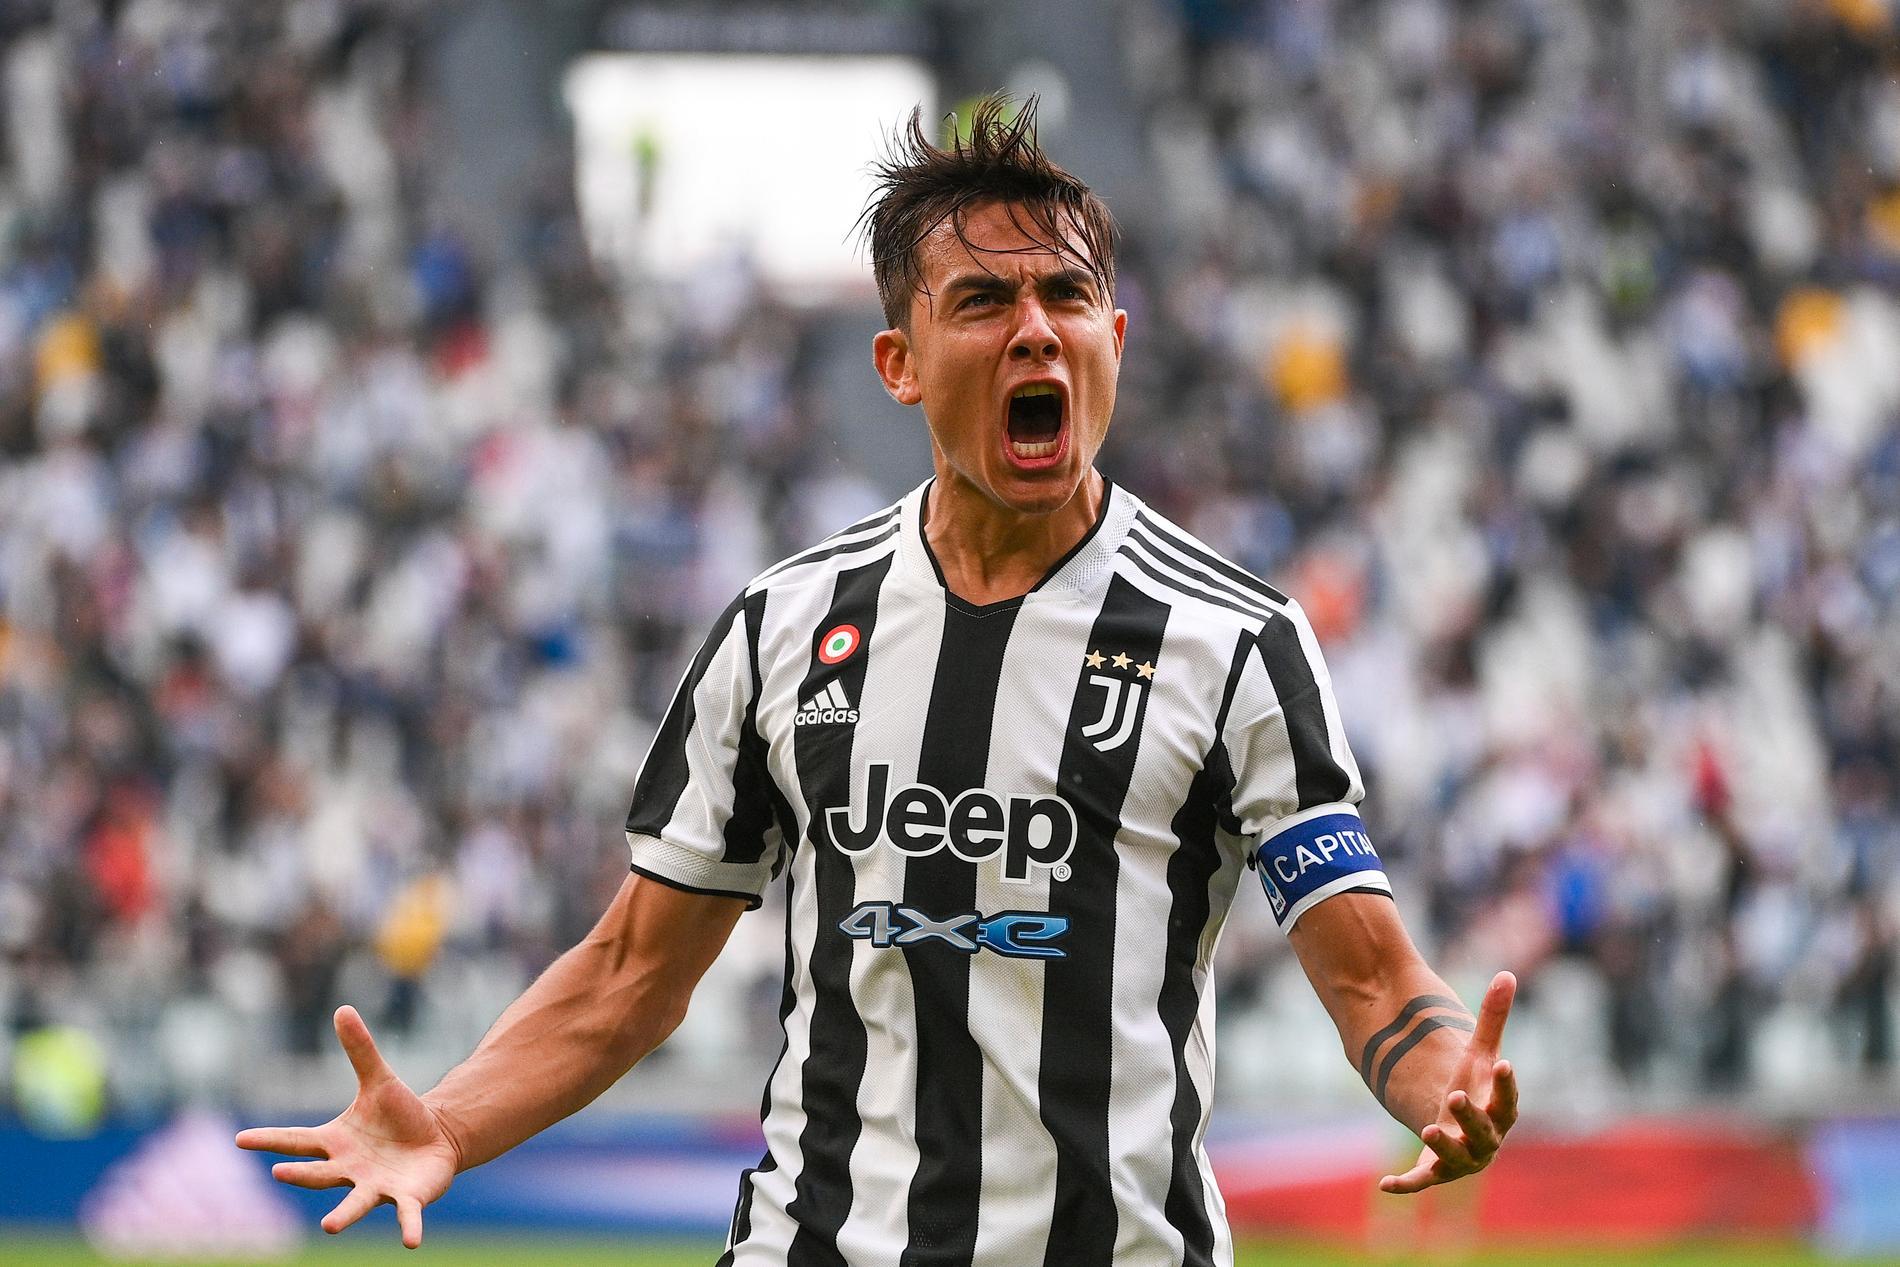 Juventus var en av klubbarna som Uefa ville straffa.